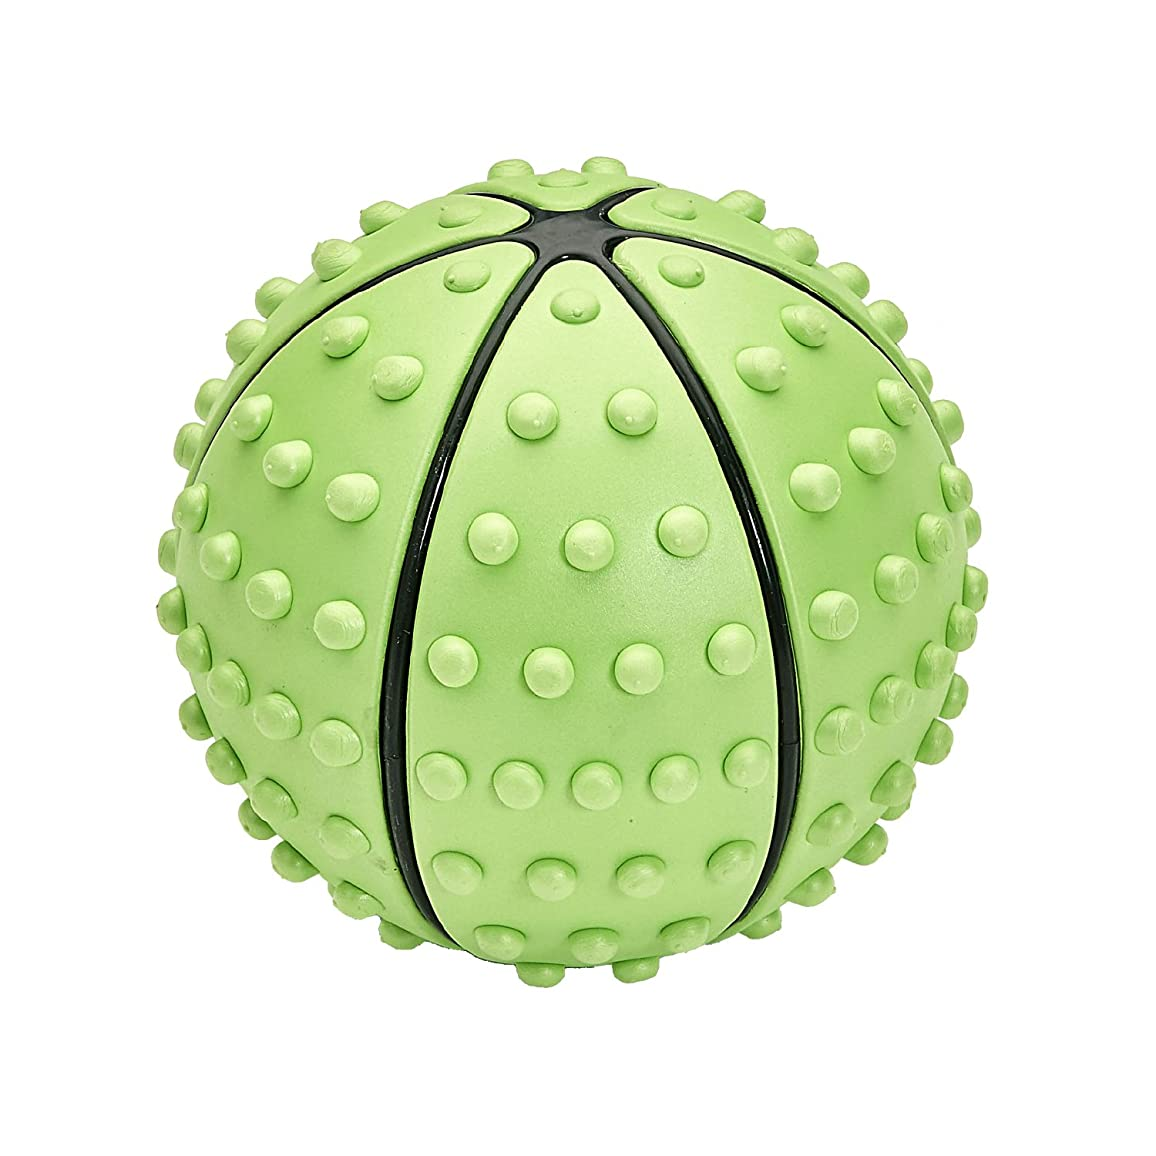 アイザック病な仮定するIRONMAN CLUB(鉄人倶楽部) 指圧 ストレッチ ボール KW-900 リフレッシュ トレーニング こりほぐし